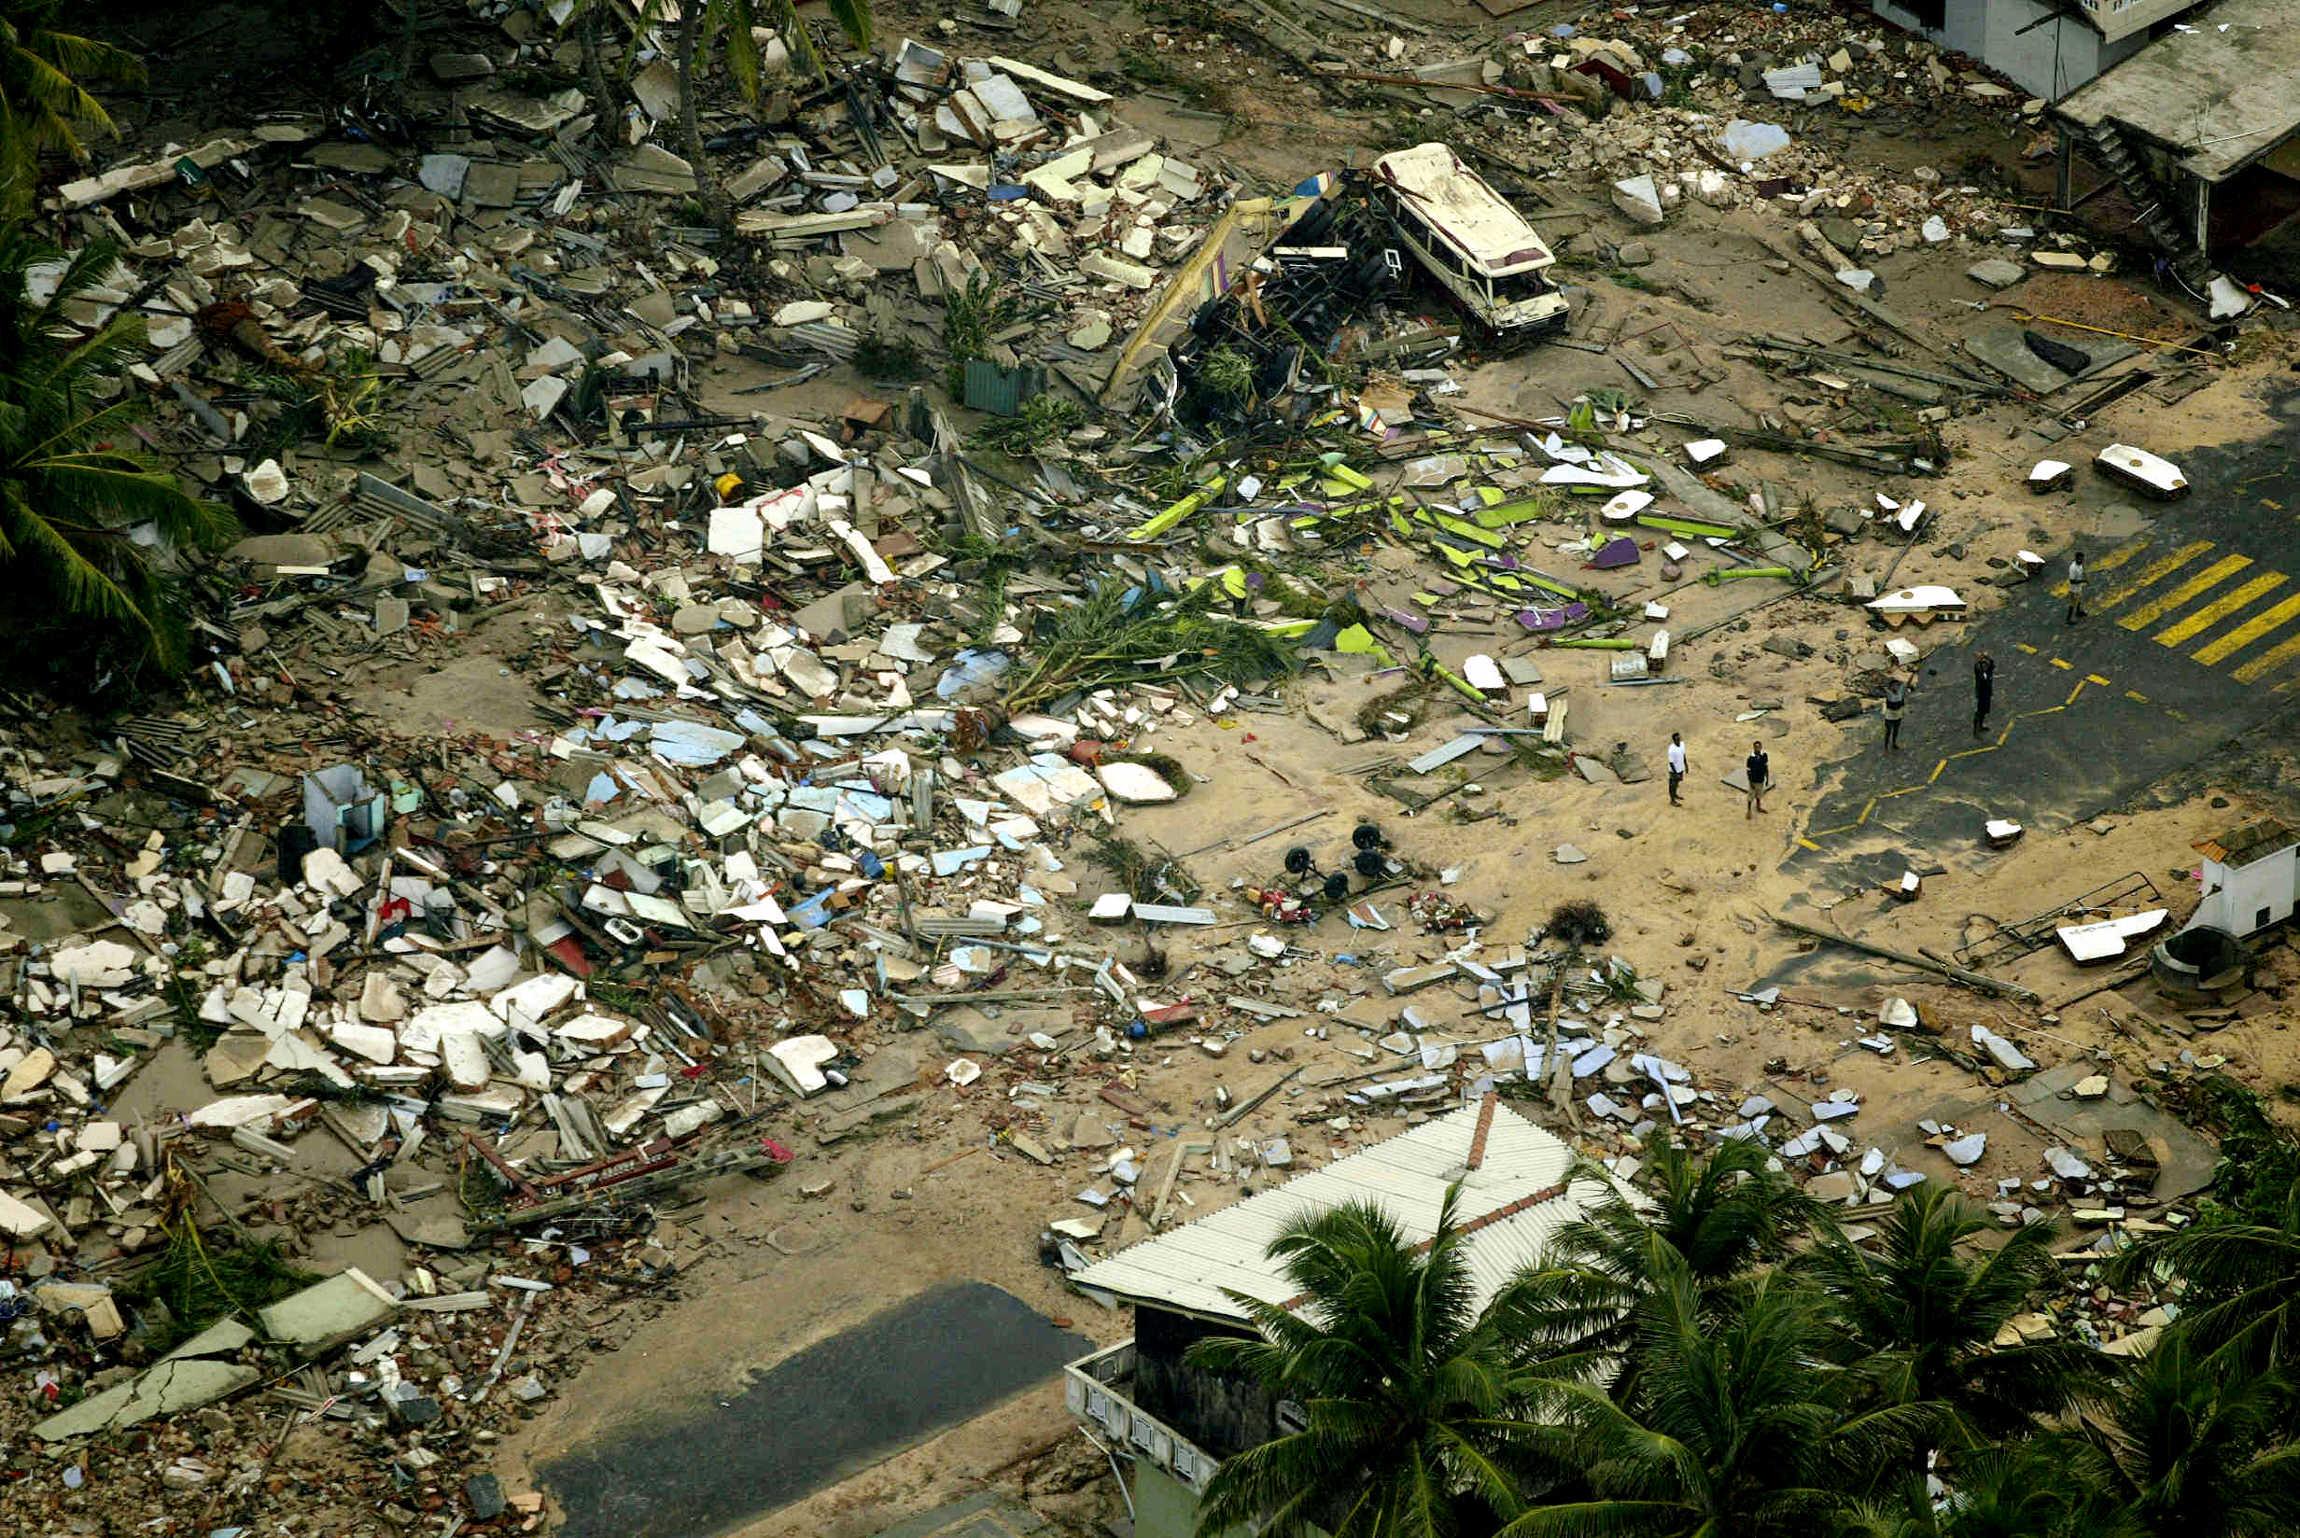 Een foto van de puinhoop in Sri Lanka na de tsunami in 2004